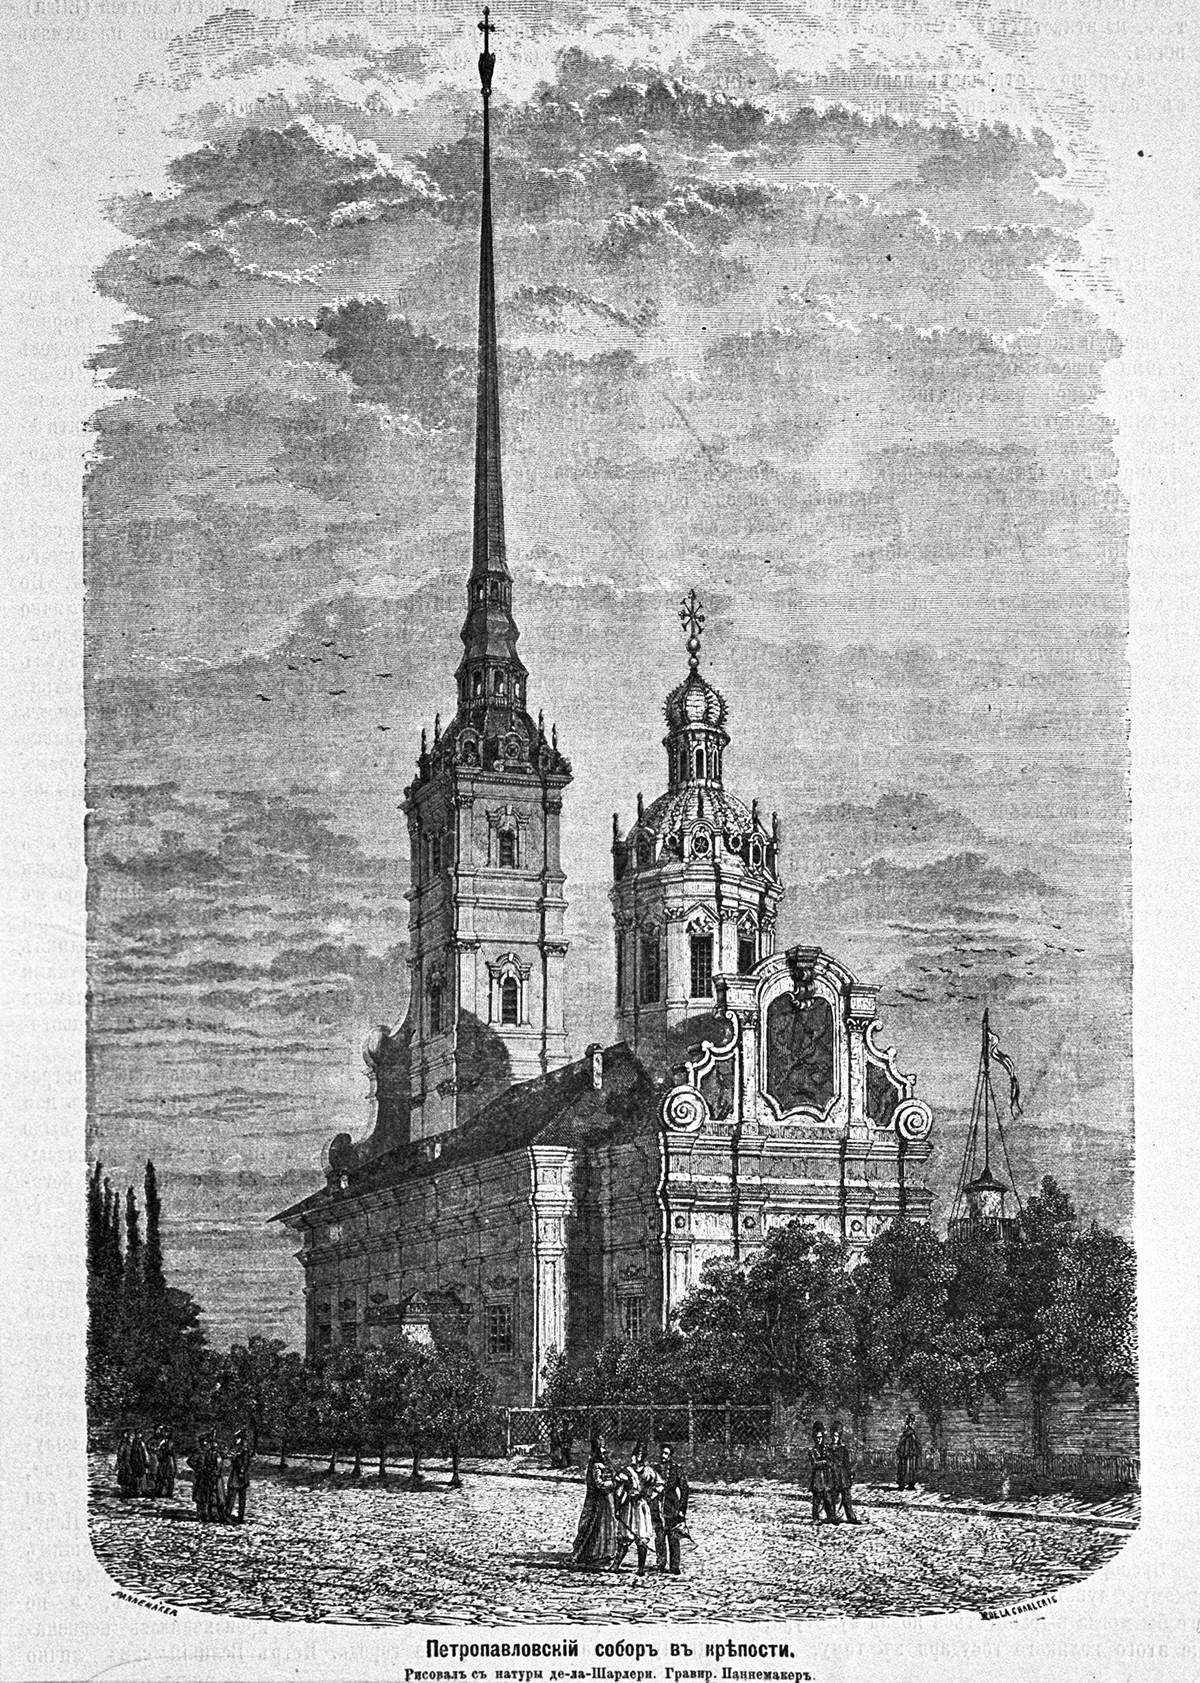 ペトロパヴロフスク大聖堂